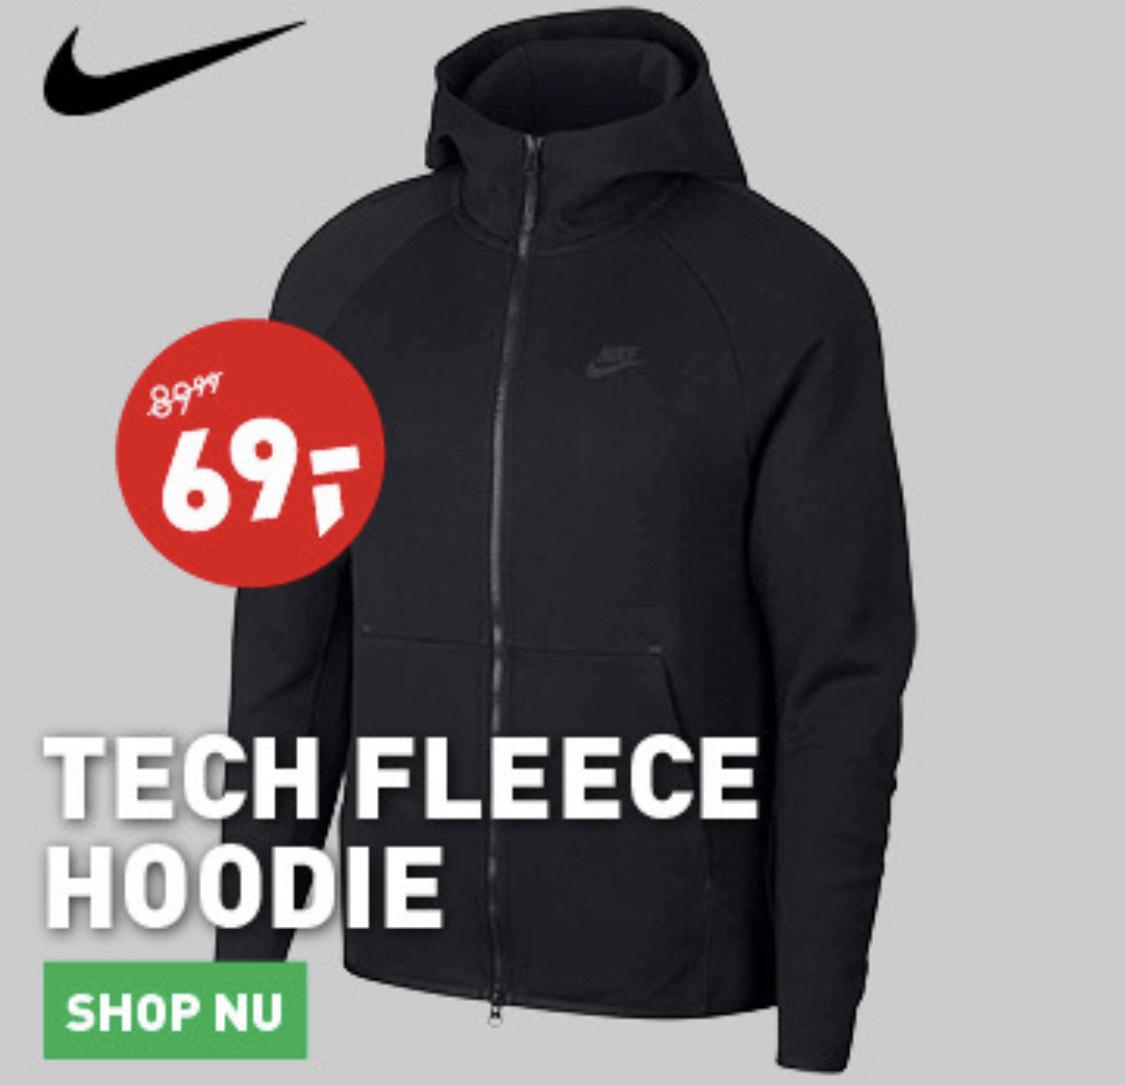 Zwarte Nike Tech Fleece vest of broek voor €69